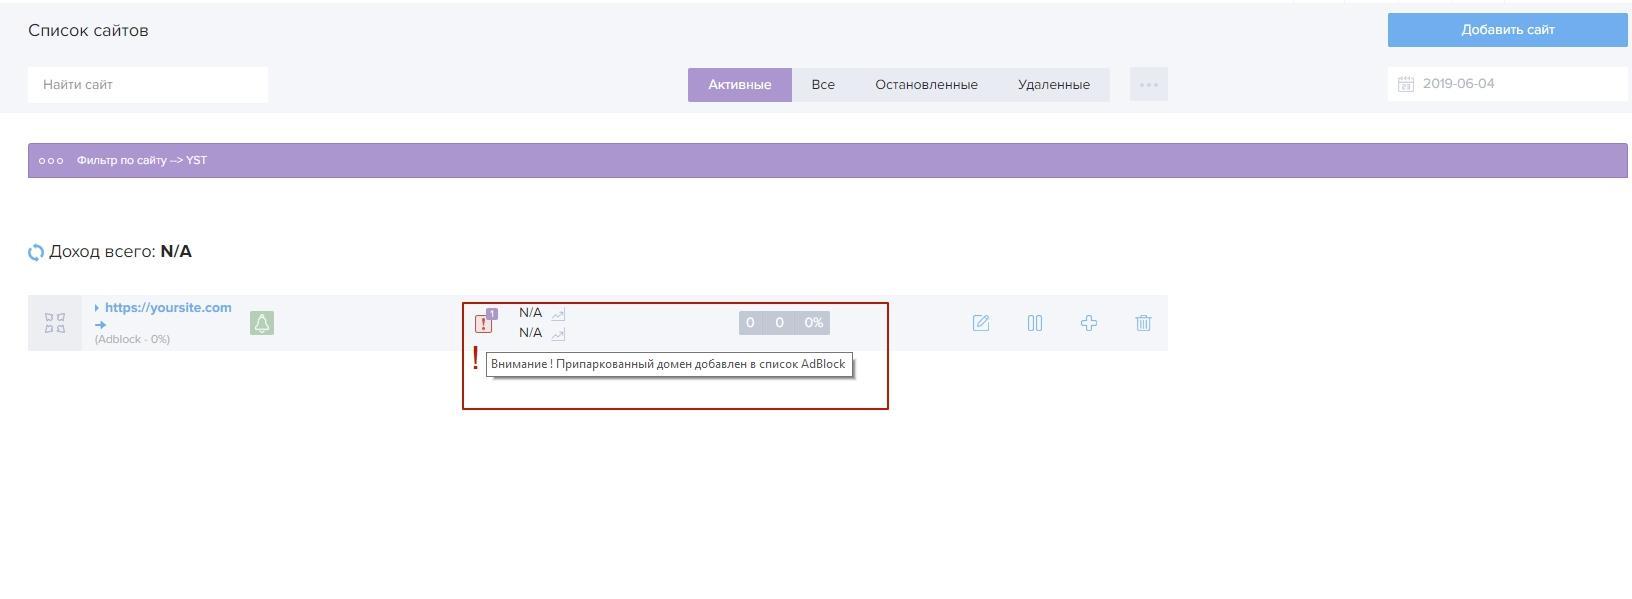 Припаркованный домен добавлен в список AdBlock